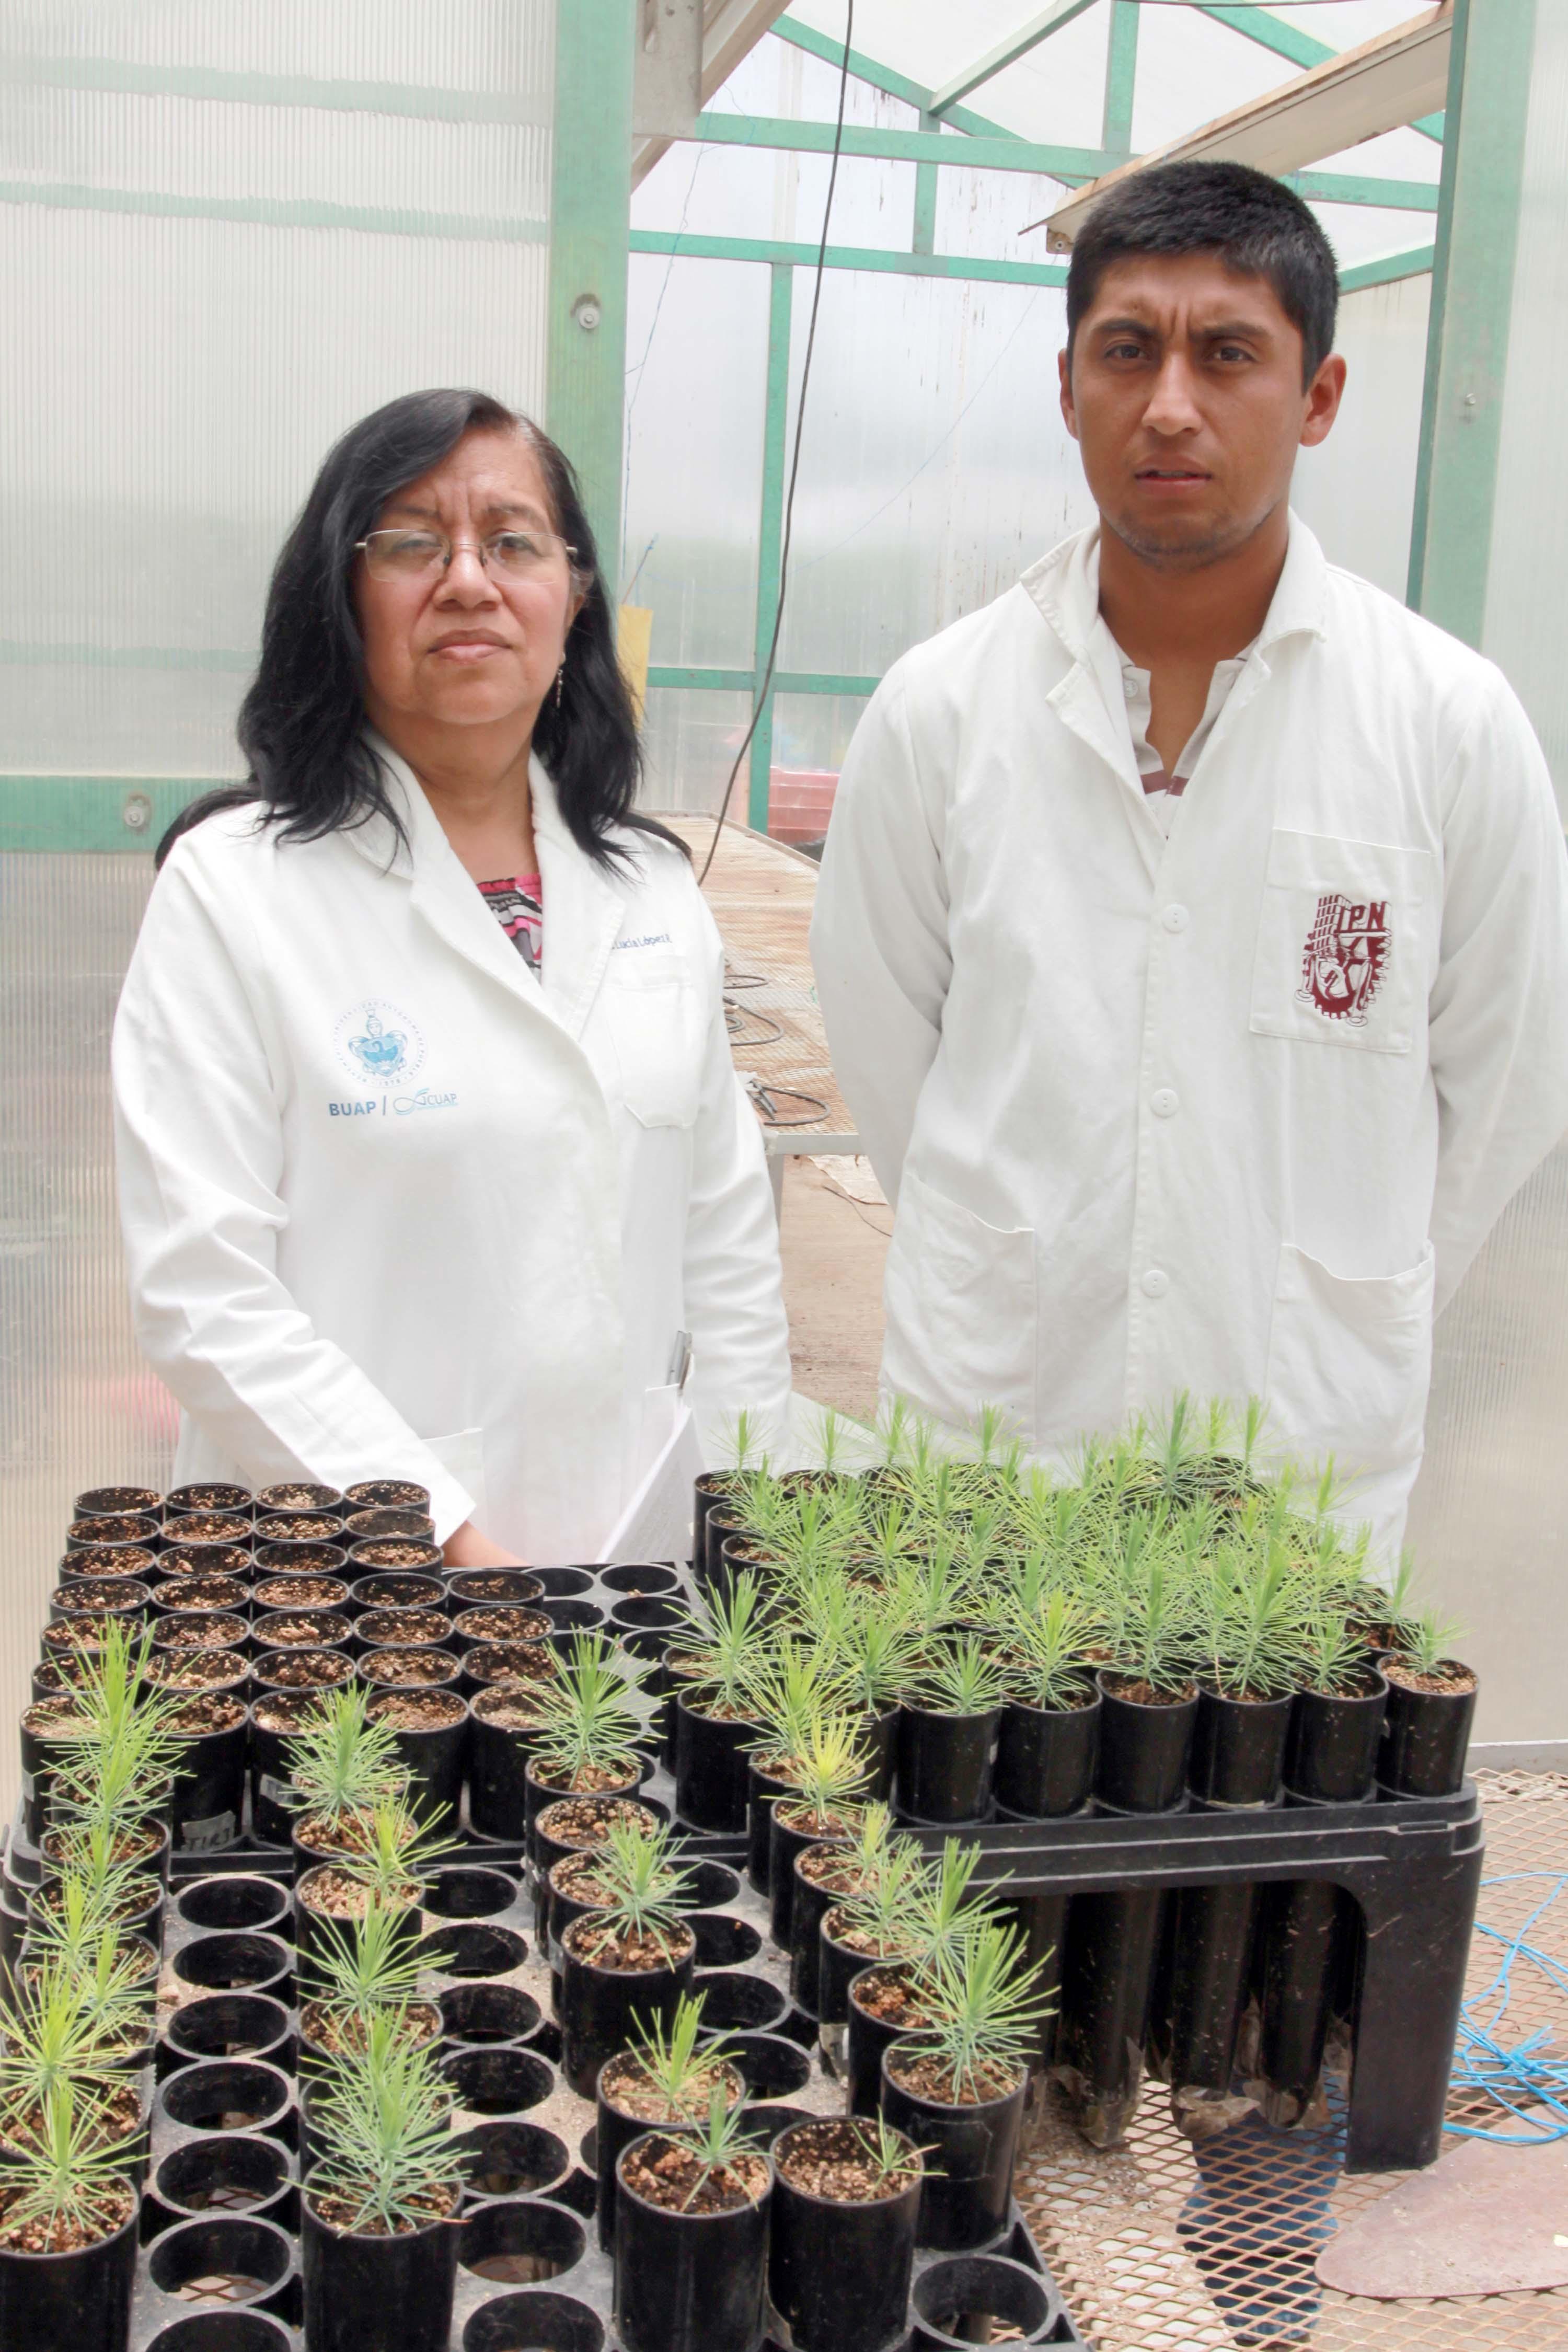 Resultado de imagen para En la BUAP generan propuestas de biocontrol en plantas afectadas por hongos